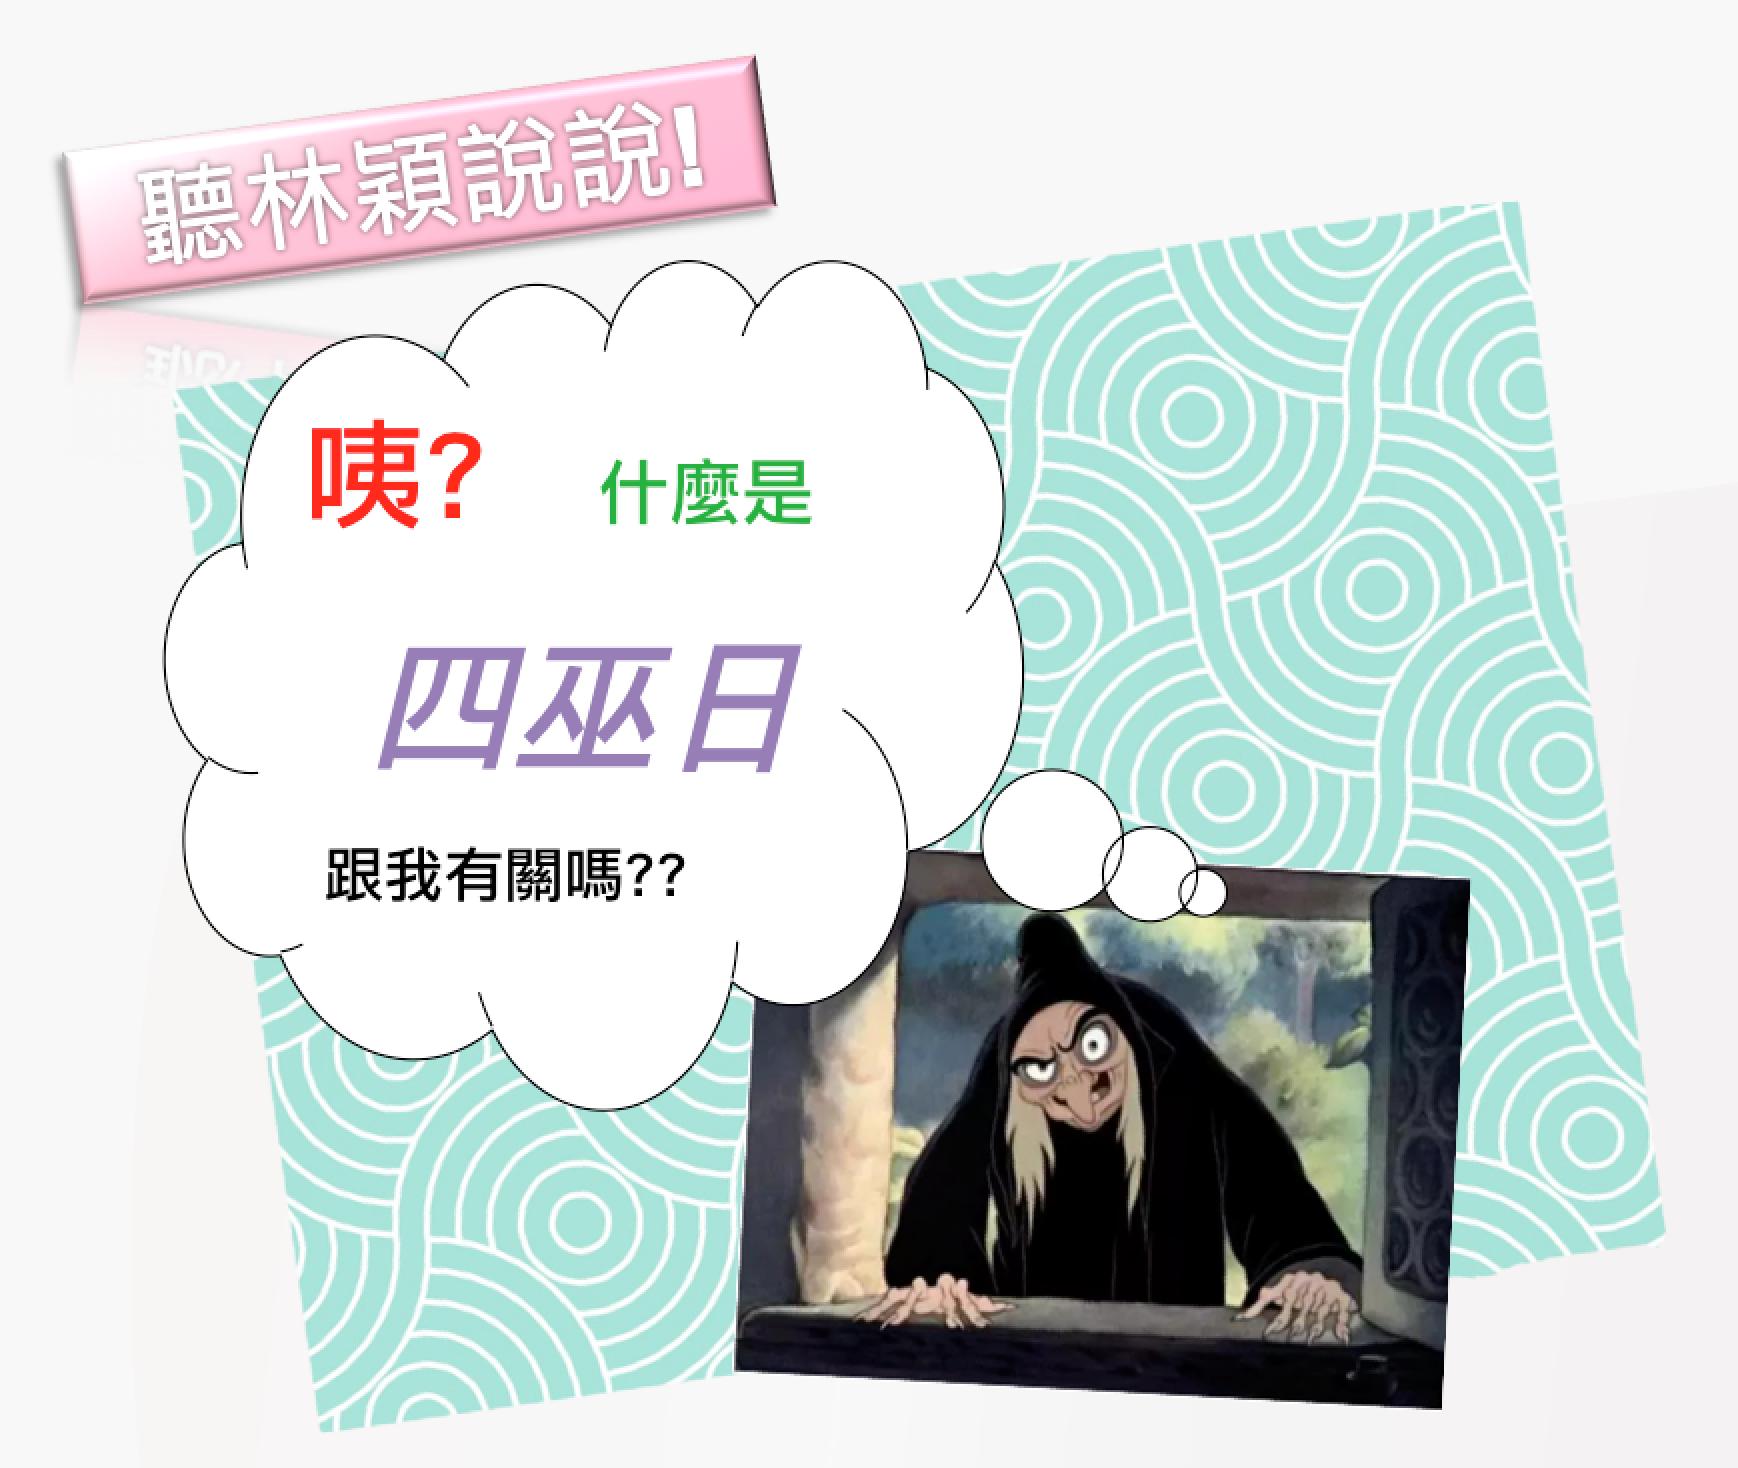 『四巫日』會有巫婆嗎?為什麼這麼重要?同學們,來聽林穎說說:什麼是『四巫日』!